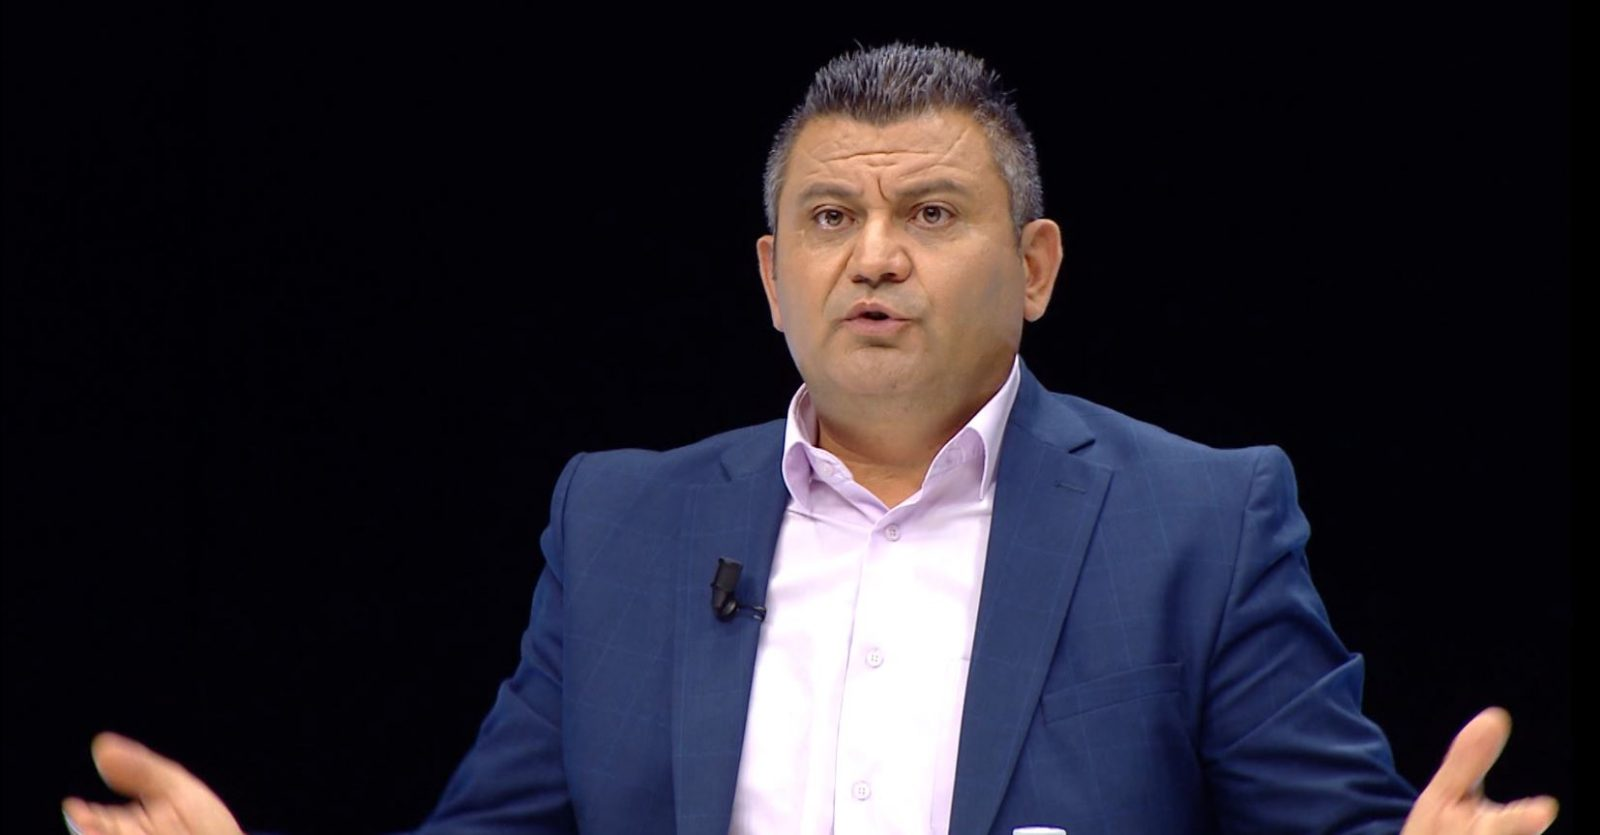 Gazetari jep ALARMIN: Rinia shqiptare në krizë të madhe besimi! Modelet janë prostitutat dhe trafikantët e drogës